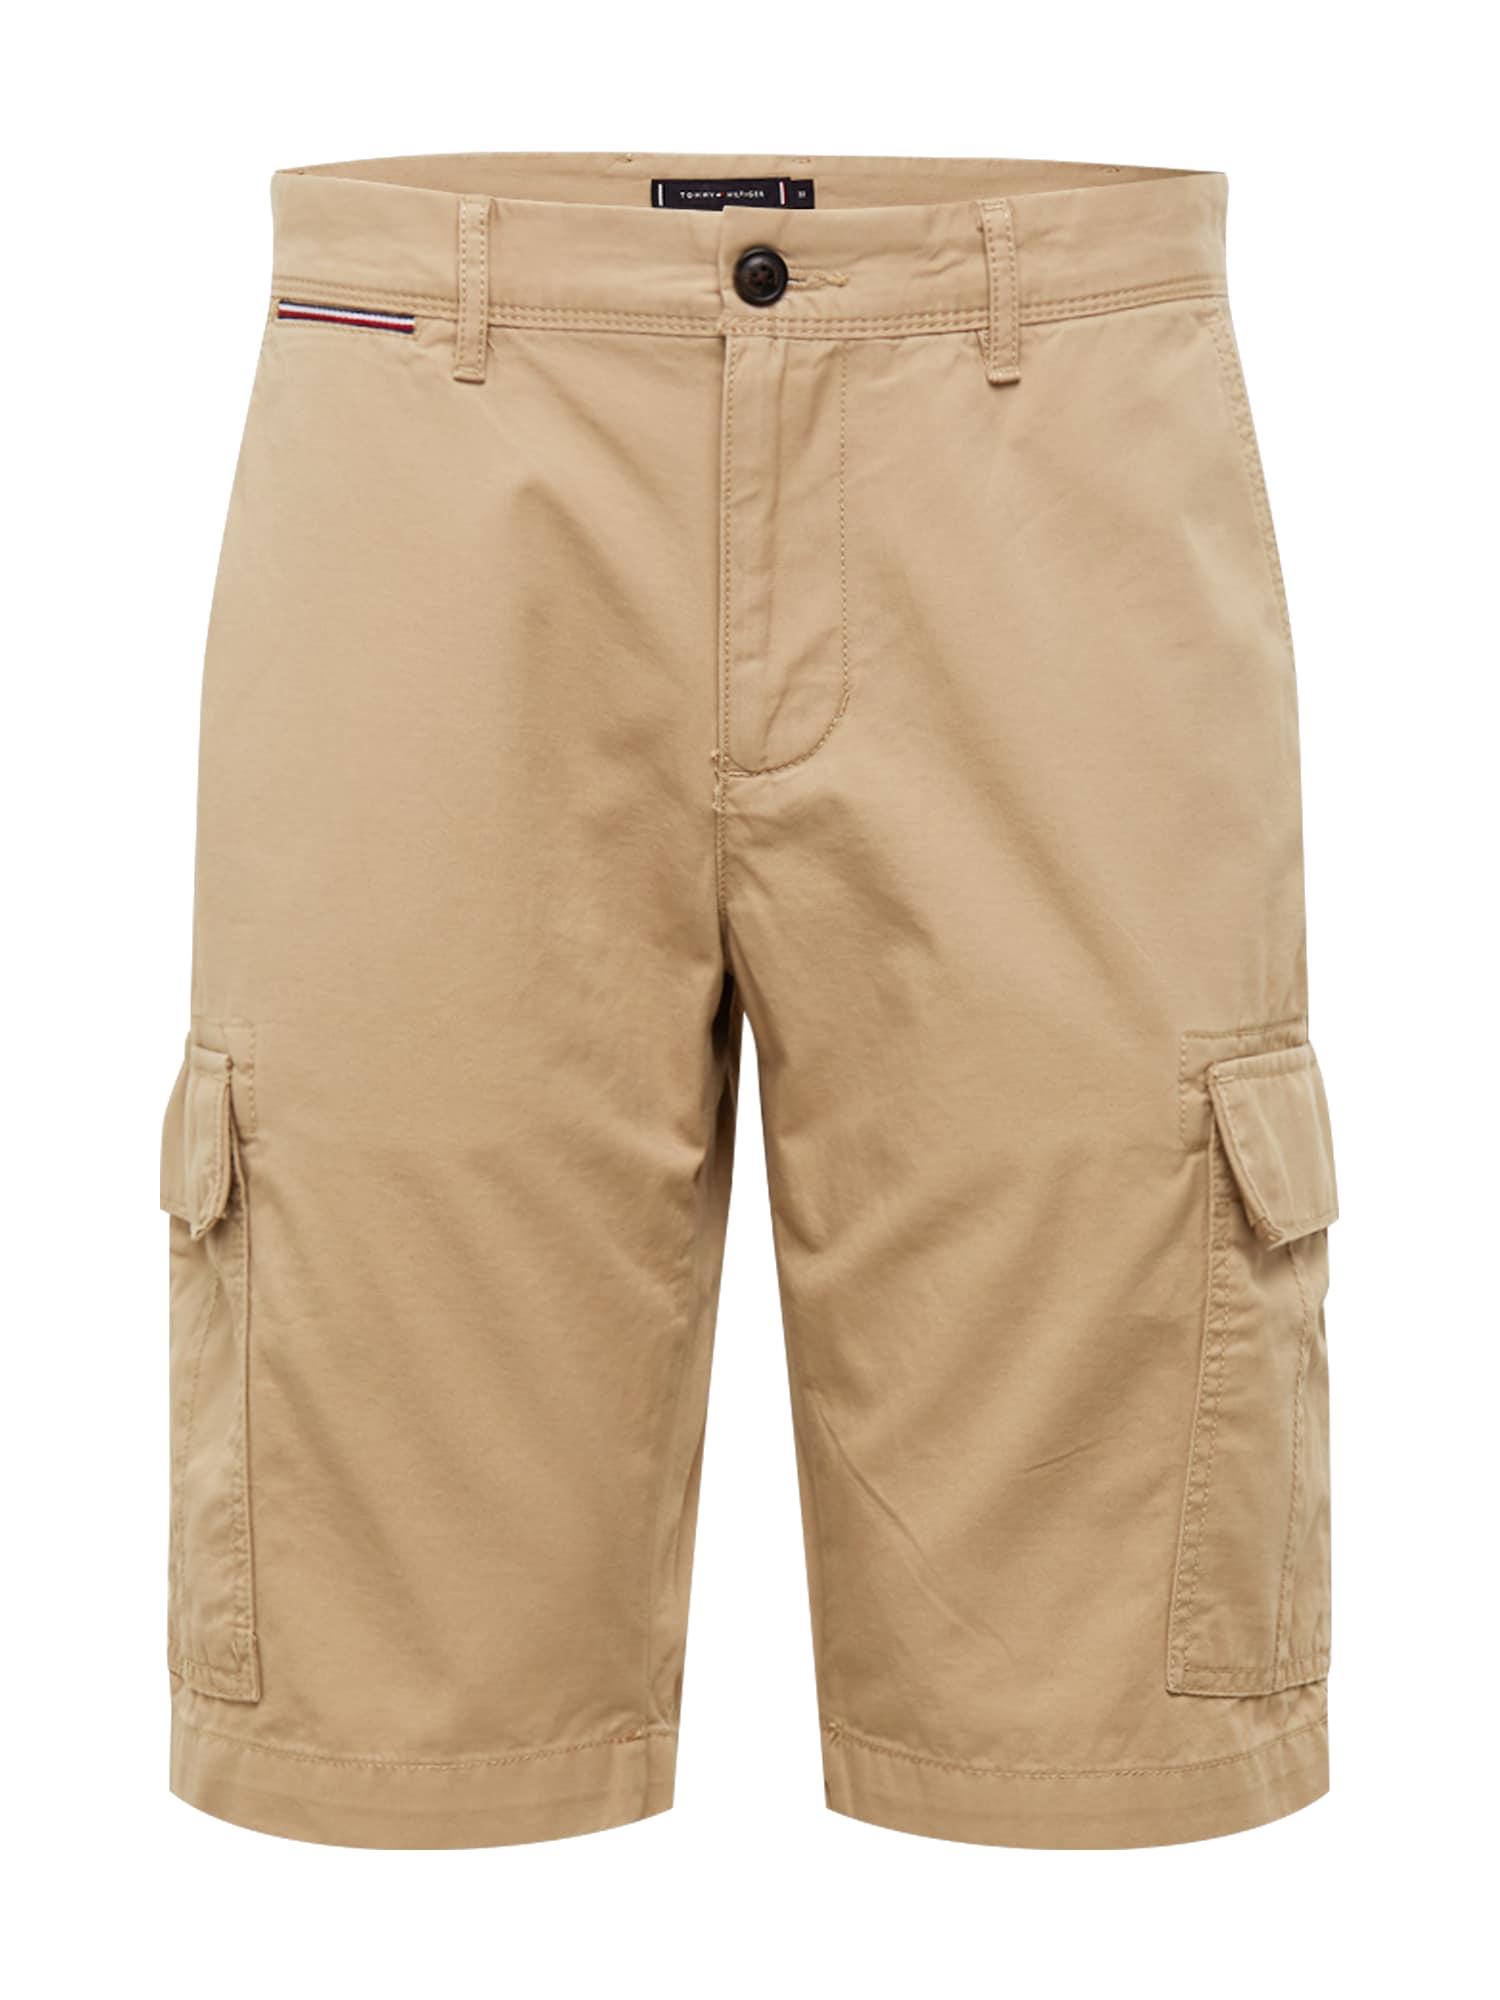 TOMMY HILFIGER Laisvo stiliaus kelnės 'John' šviesiai ruda